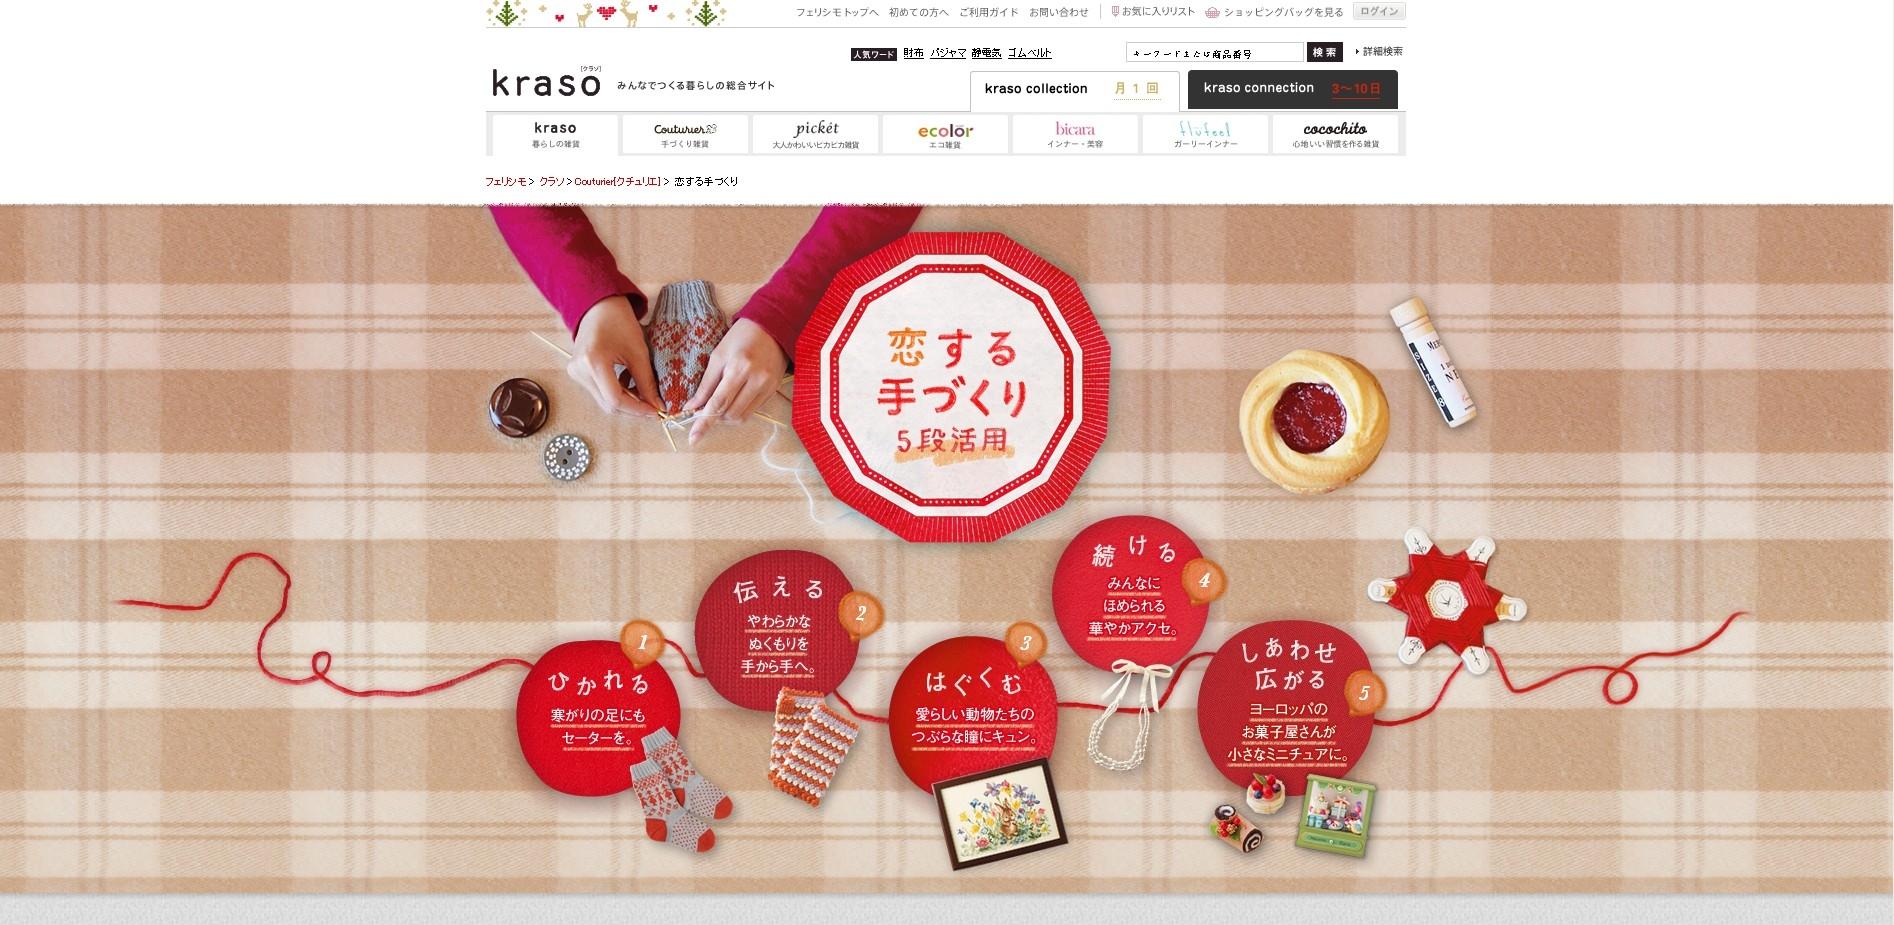 日本女装设计师couturier芬理希梦官方网站,作品包含袜子-布艺-鞋底图片